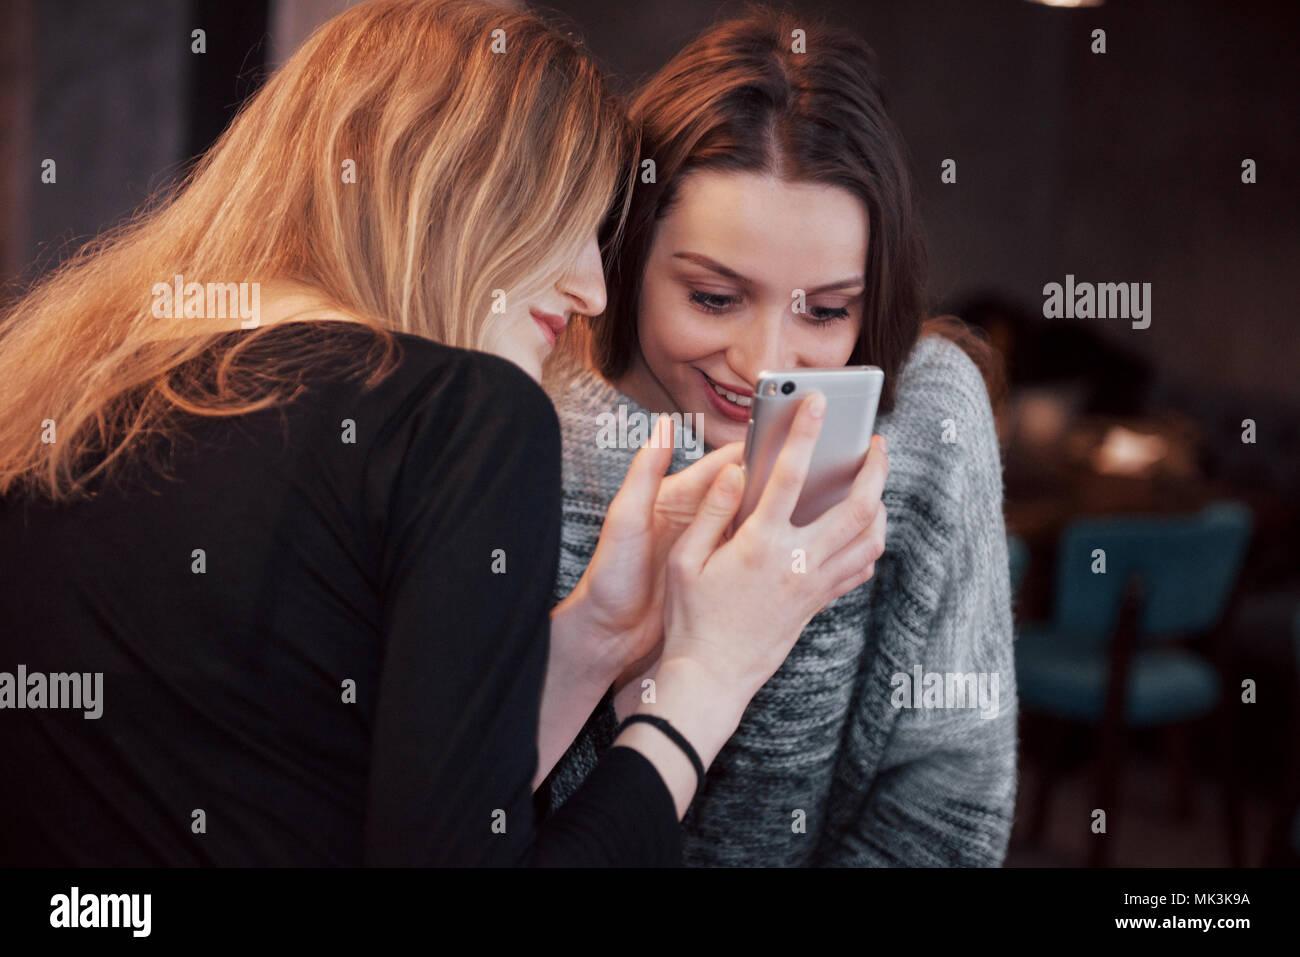 Due amici sorridenti lettura divertente la chat online su telefono moderno seduta con gustosi caffè nel ristorante.Hipster ragazze godendo di tempo libero nel bar con bevande calde e messaggistica su cellular Immagini Stock